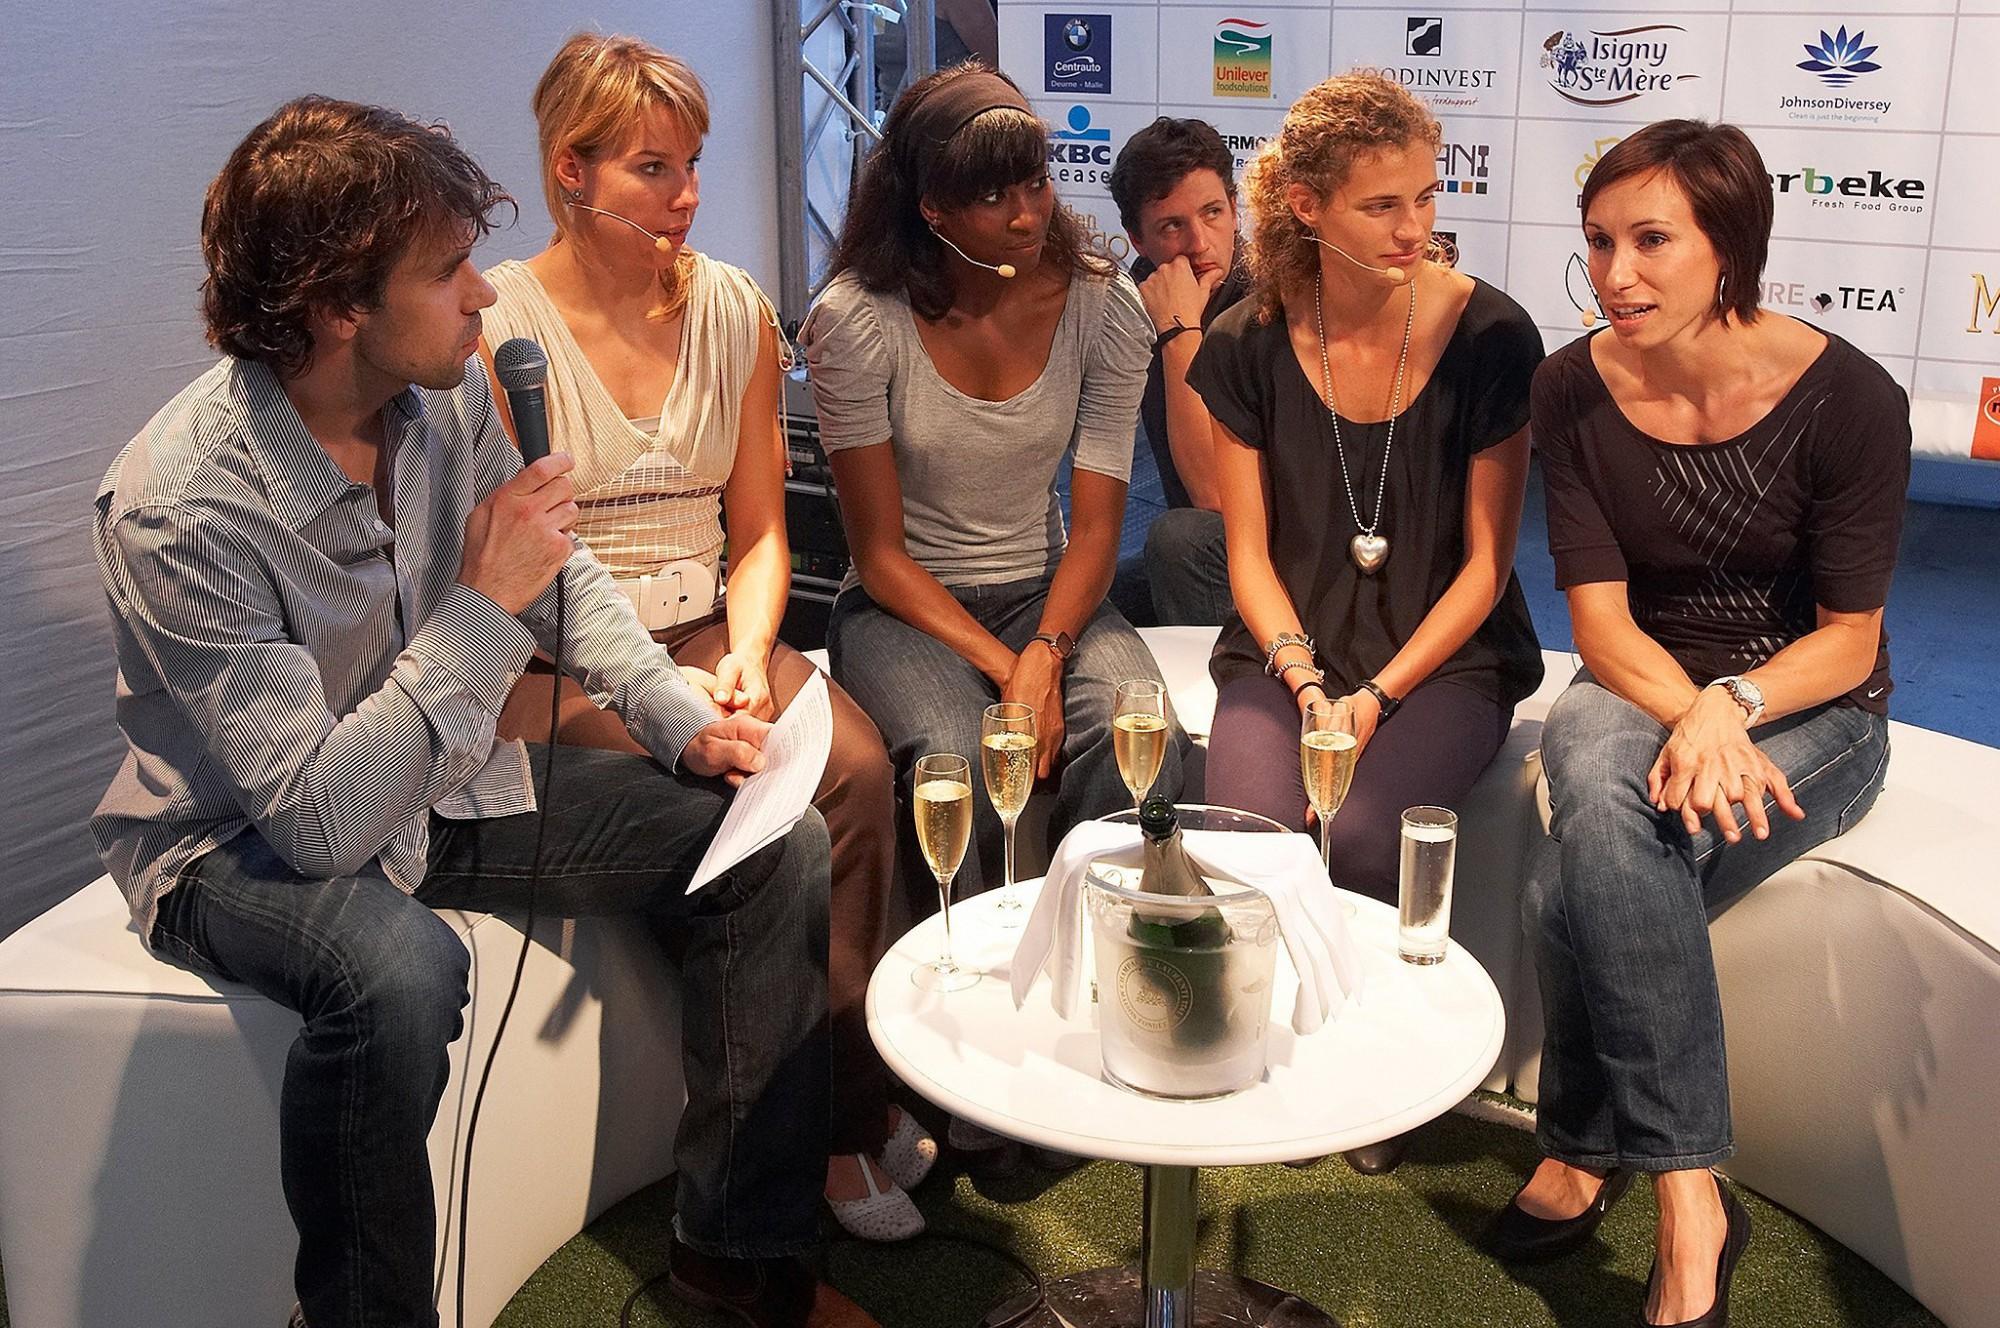 Afbeelding: Event fotografie op food beurs te Brussel, het Belgische gouden 4 x 100 meter team in gesprek.